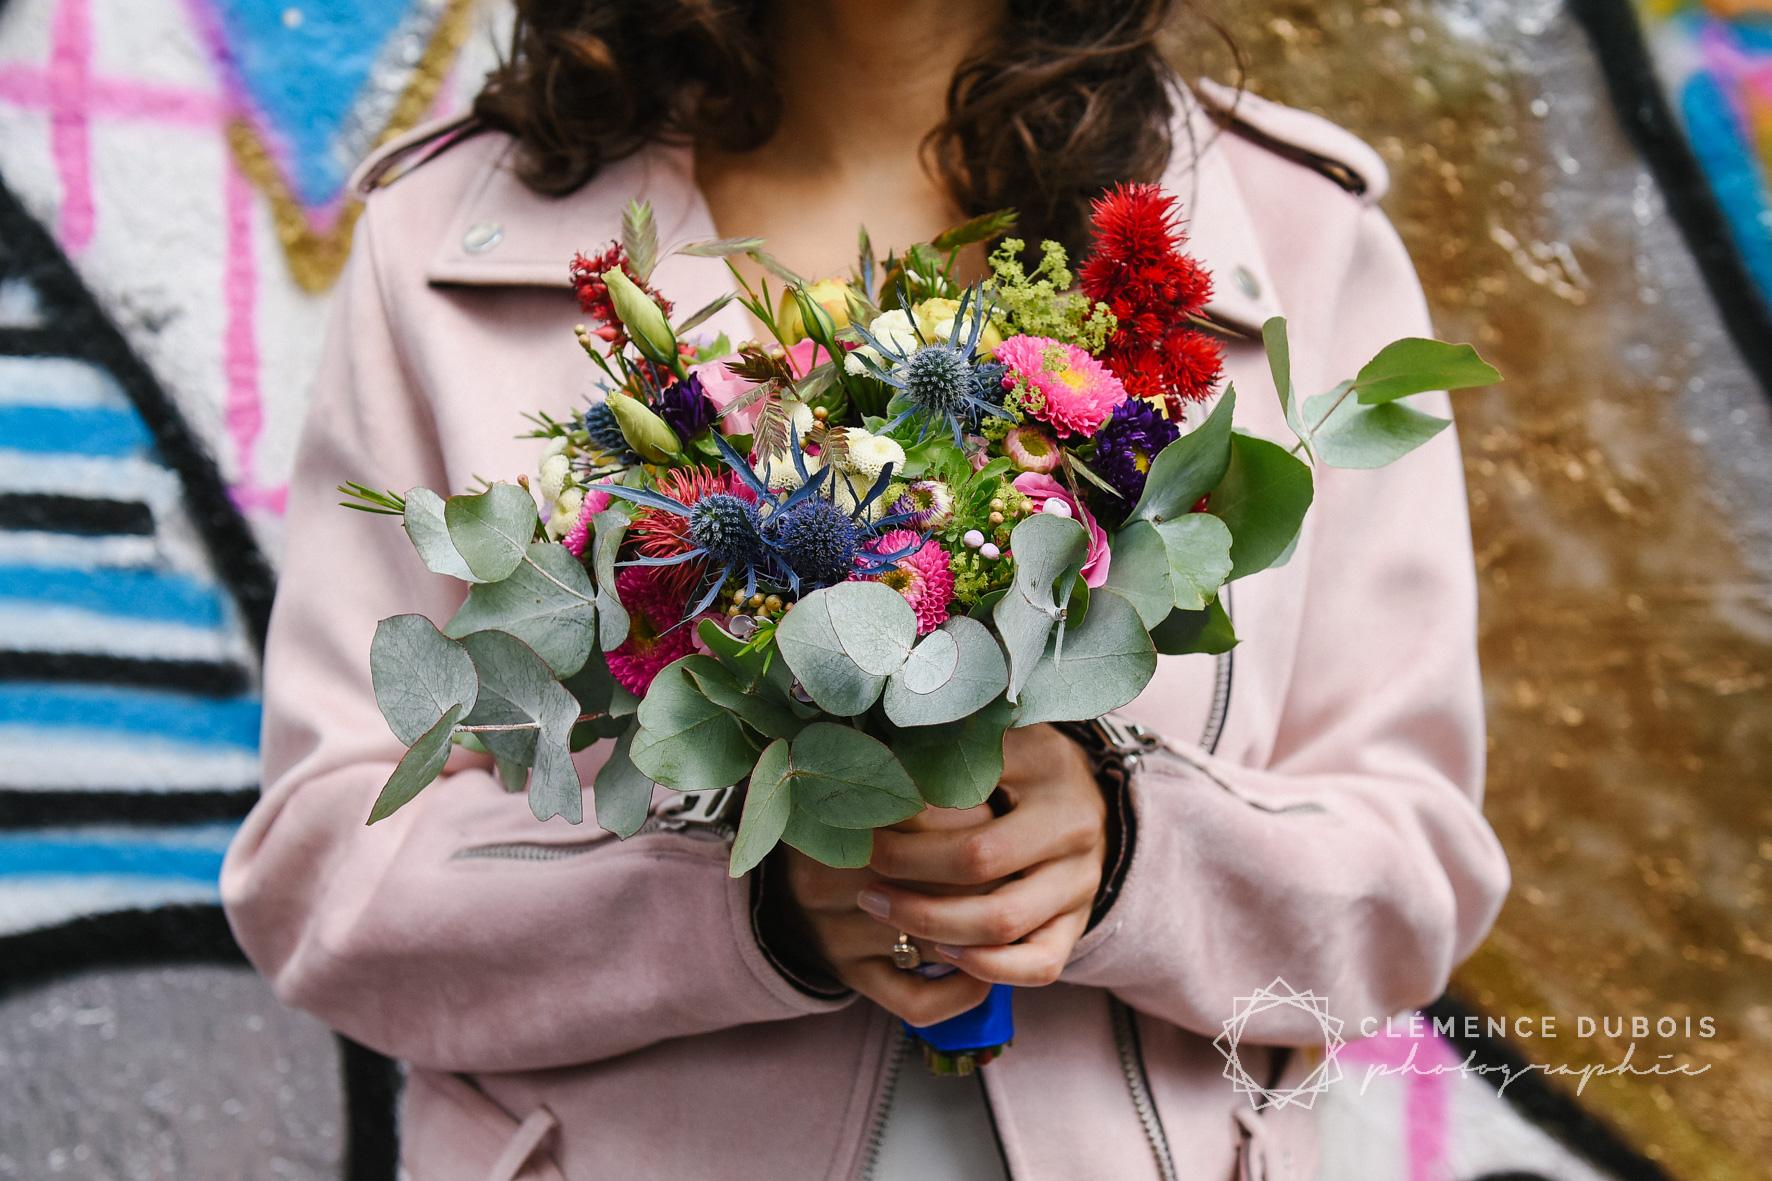 bouquet de fleurs coloré mariage festif dans le quartier de la Butte aux Cailles à paris